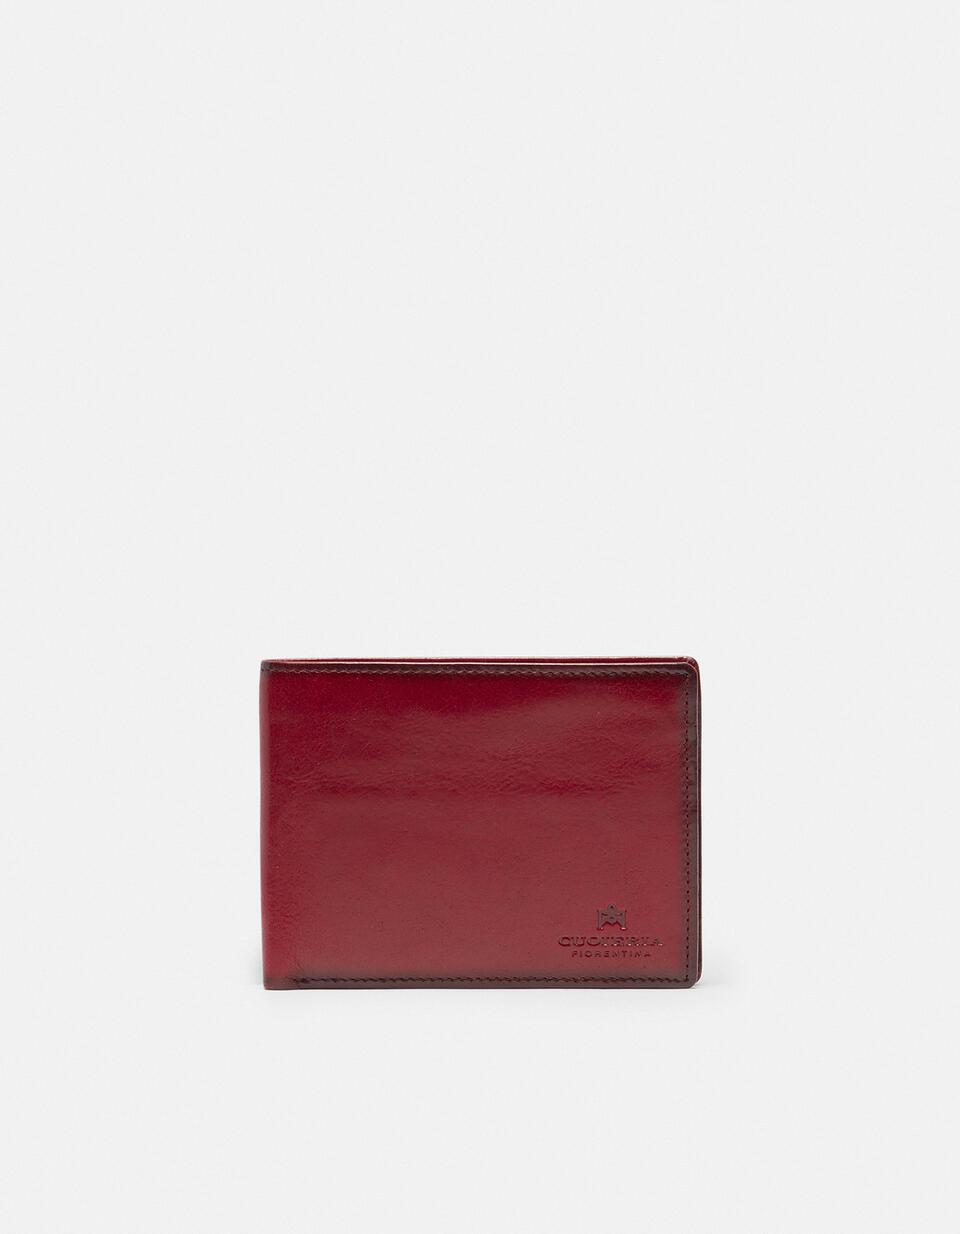 Portafoglio Warm and Colour anti-rfid con porta monete in cuoio ROSSO Cuoieria Fiorentina